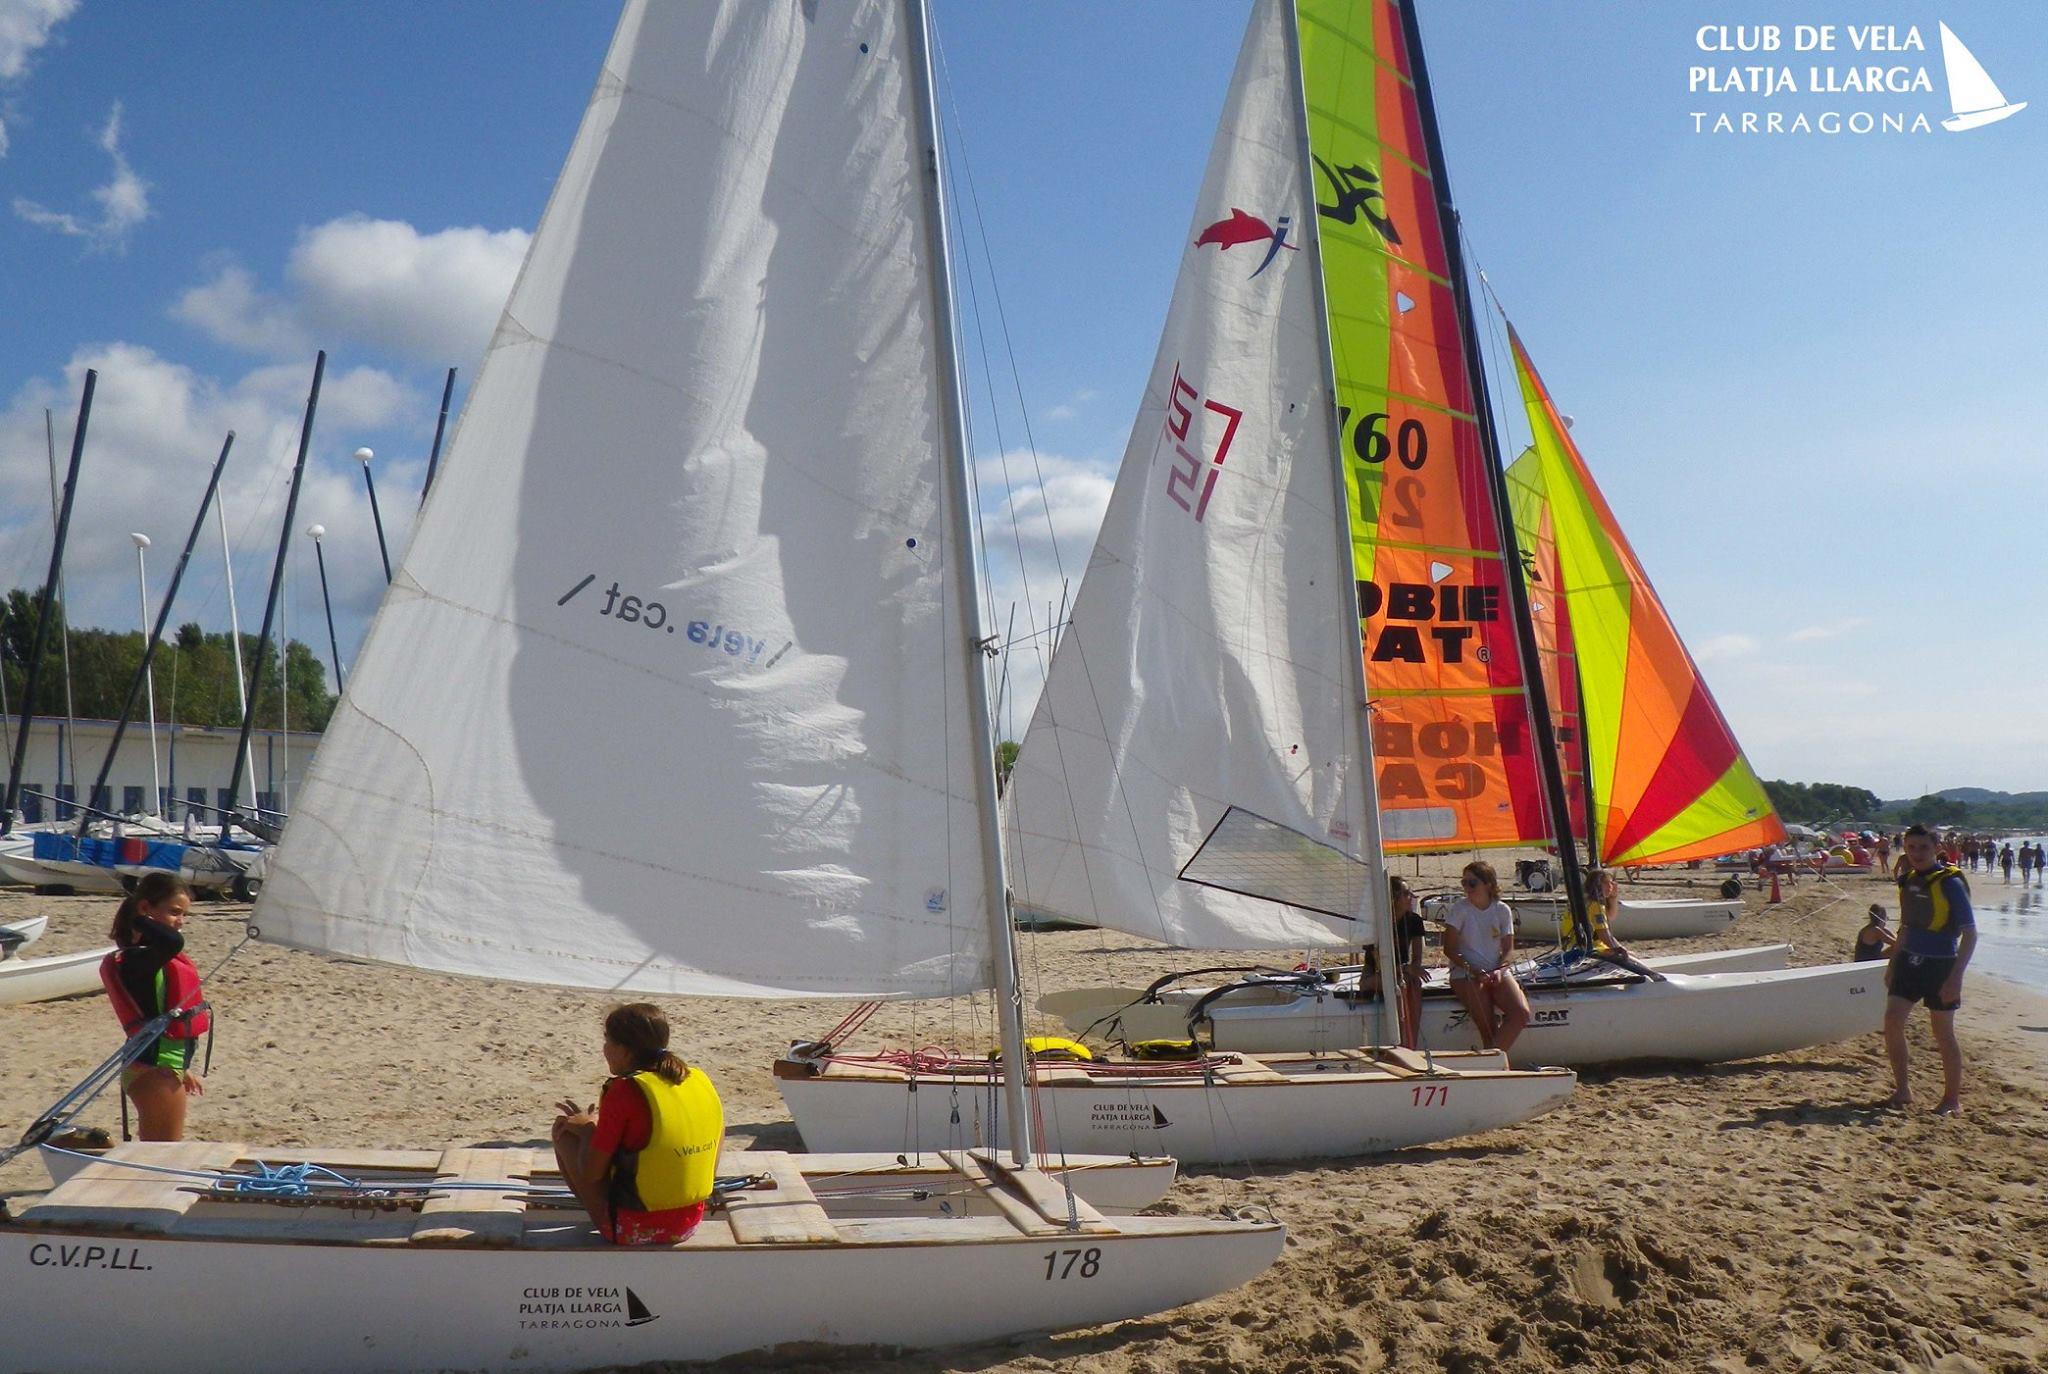 club de vela platja llarga